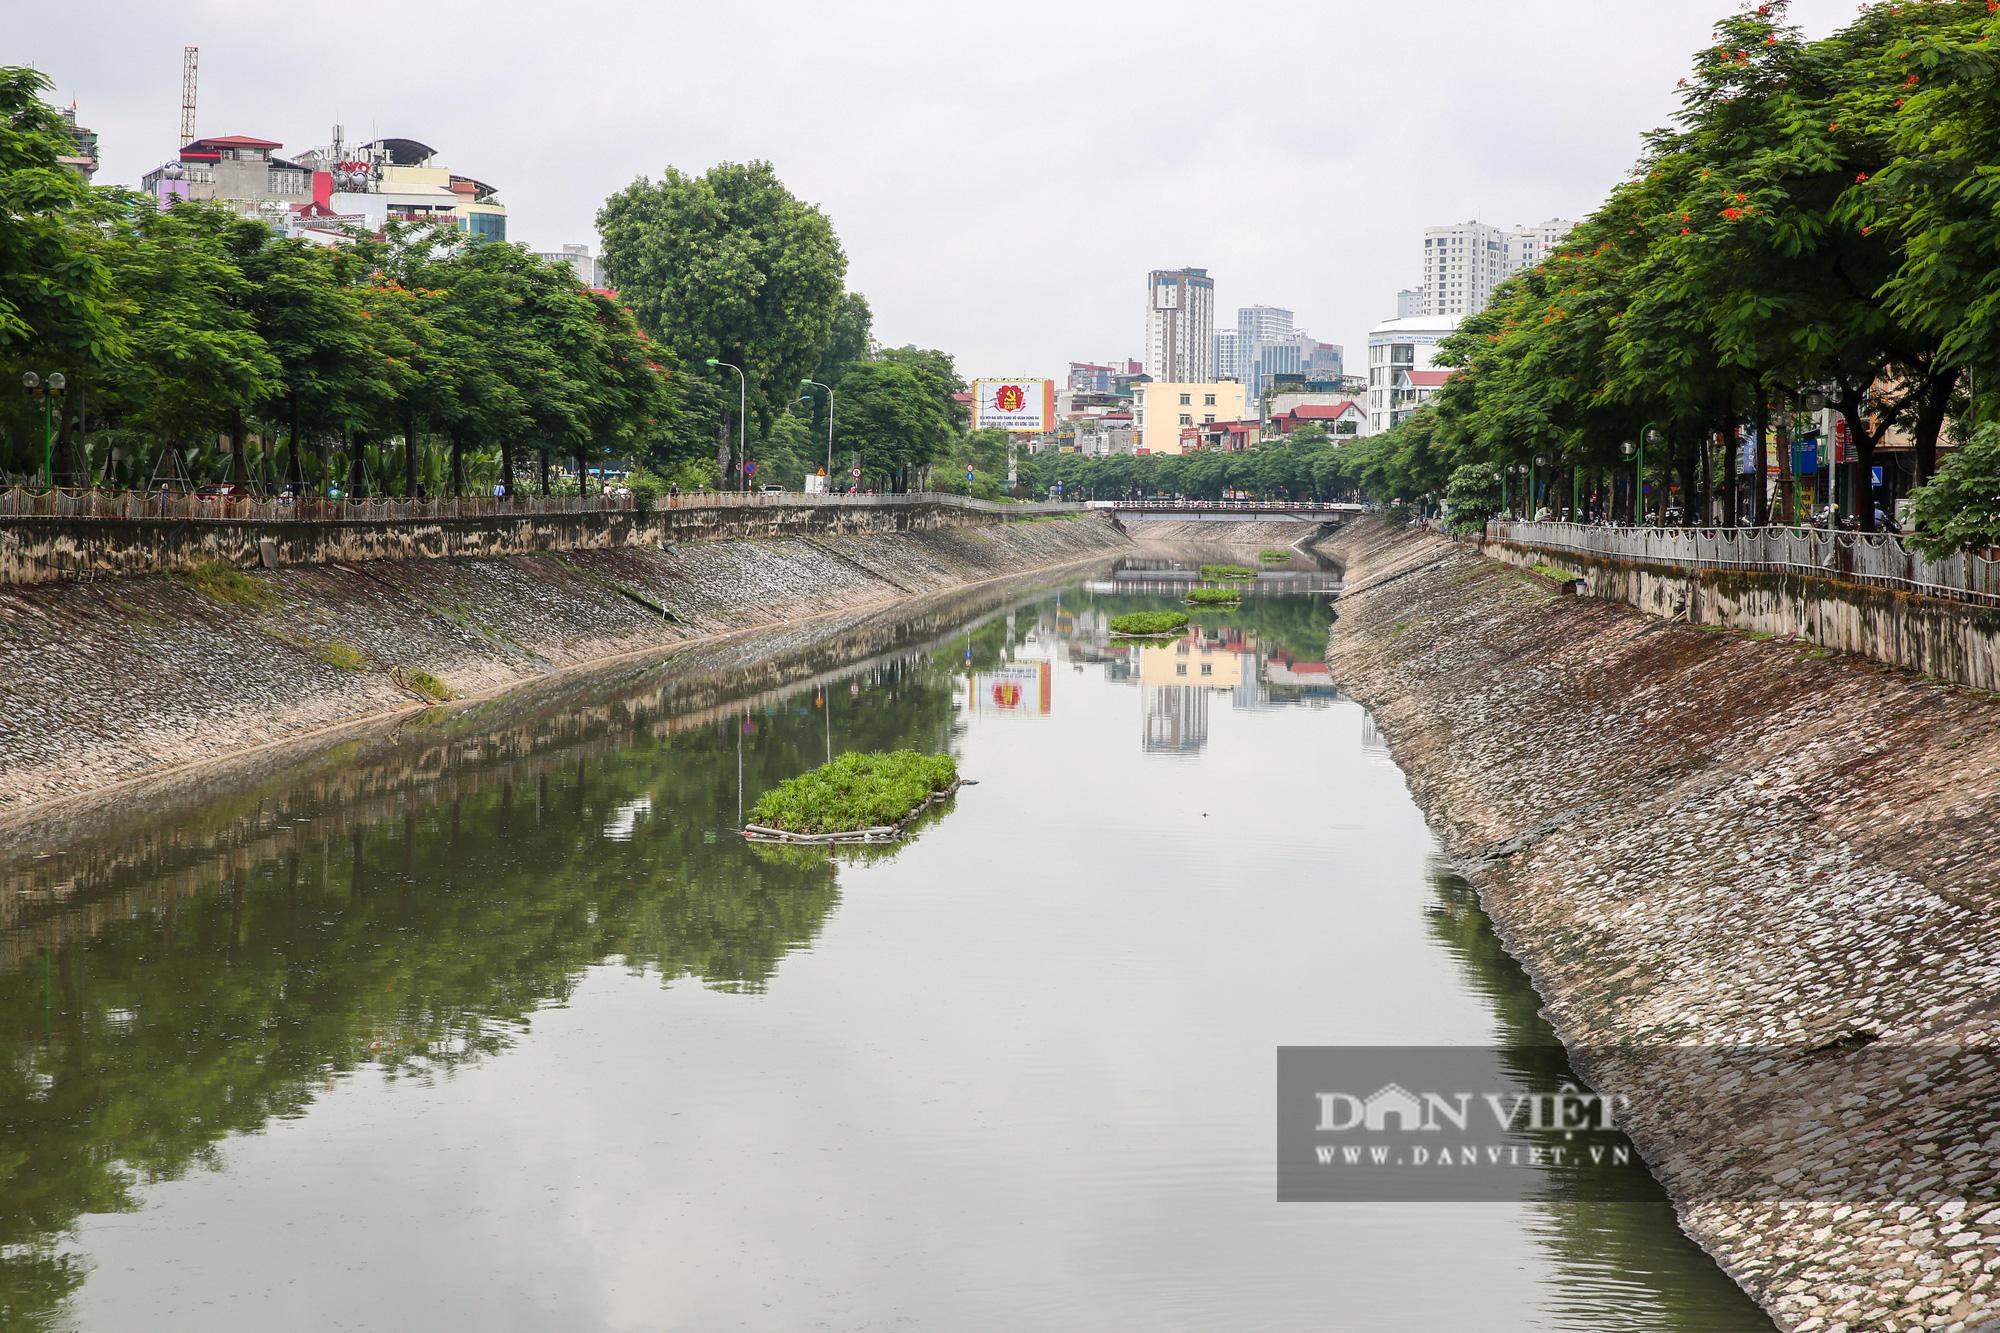 Nhìn lại 10 dự án tiêu biểu do ông Nguyễn Đức Chung - Chủ tịch TP Hà Nội chỉ đạo - Ảnh 4.